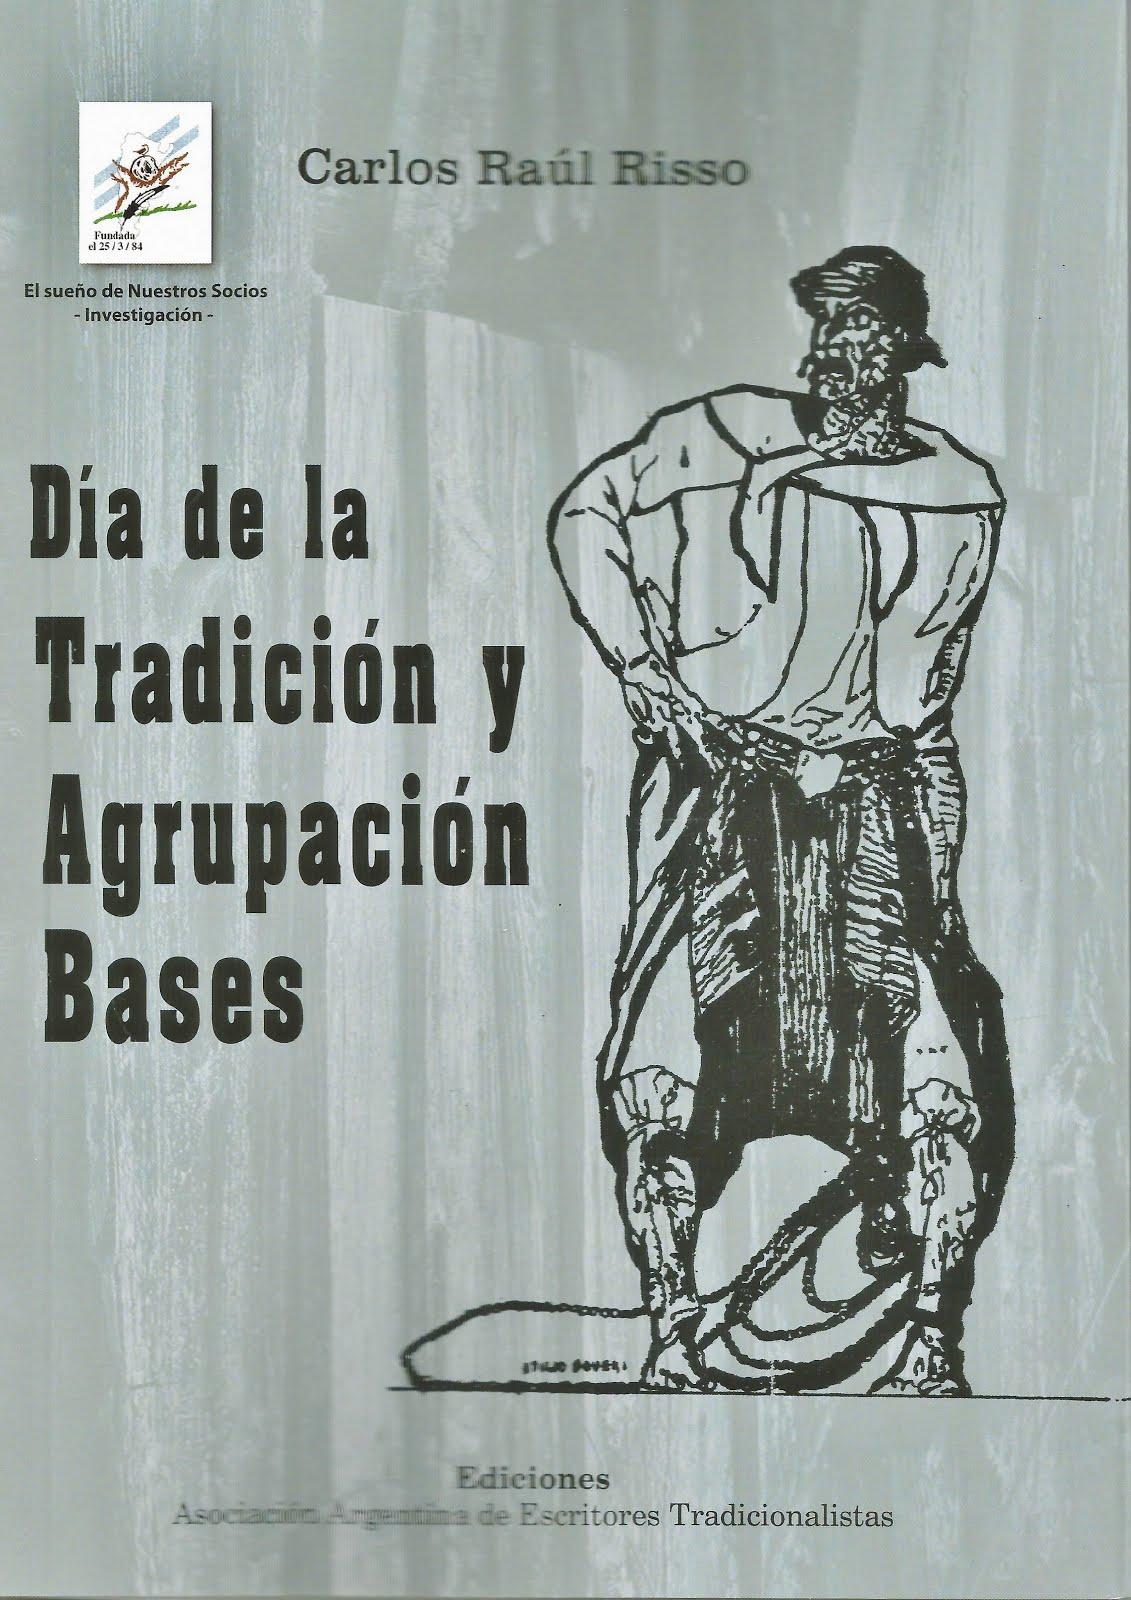 Día de la Tradición y Agrupación Bases